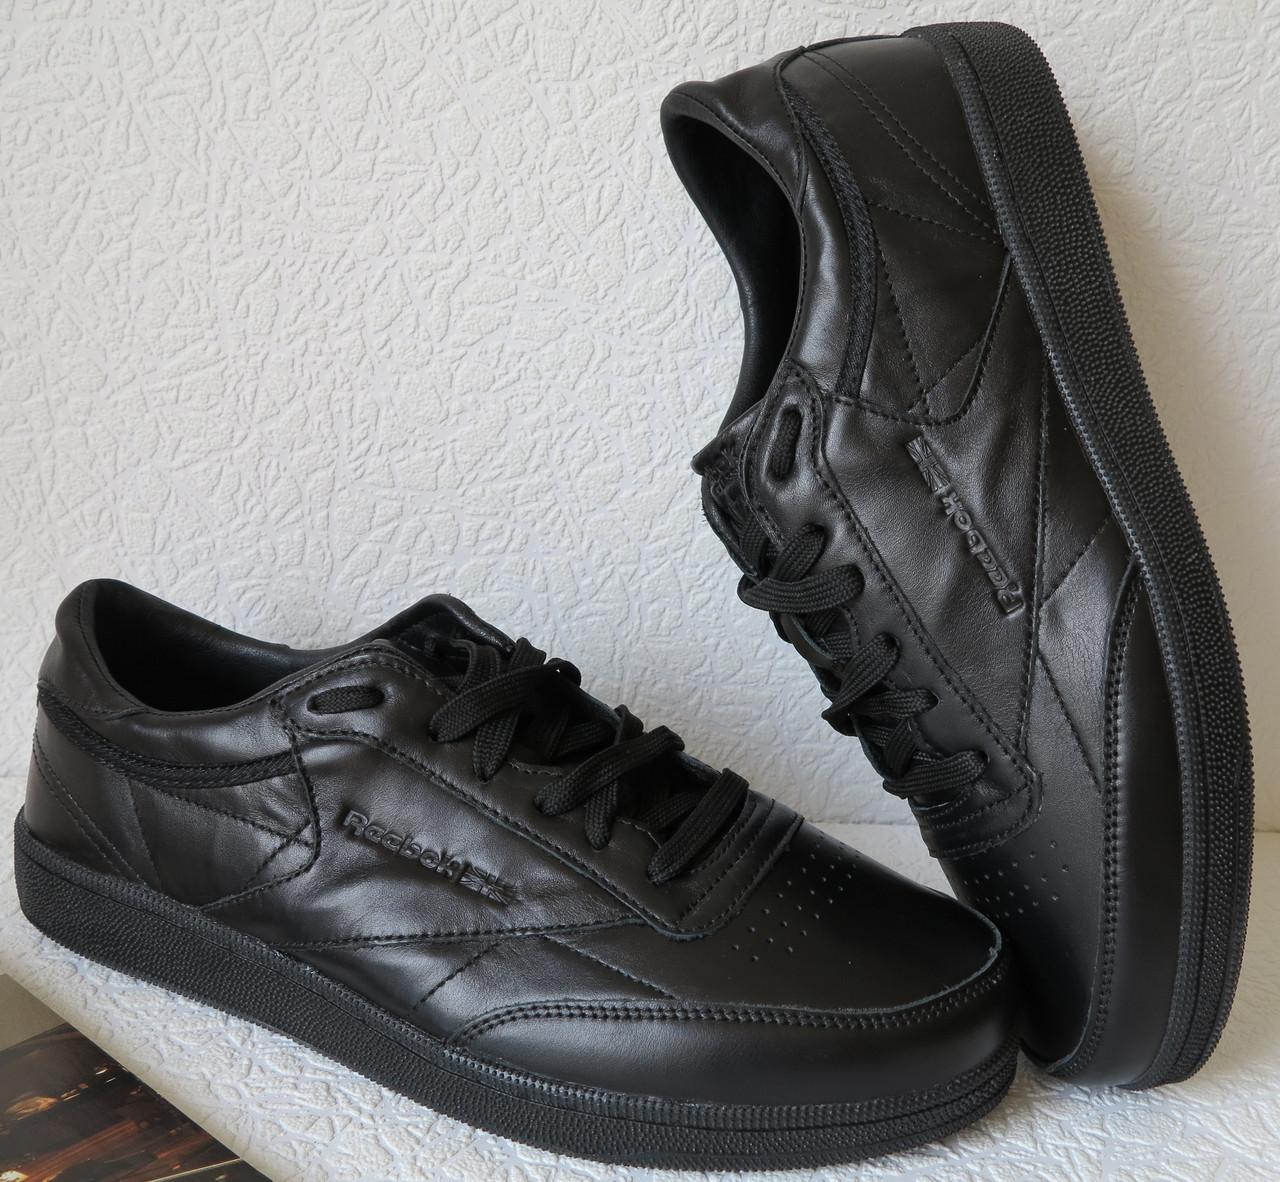 9afe87037 Кроссовки Reebok Club C 85 Black *реплика* мужские кроссовки из натуральной  кожи рибок